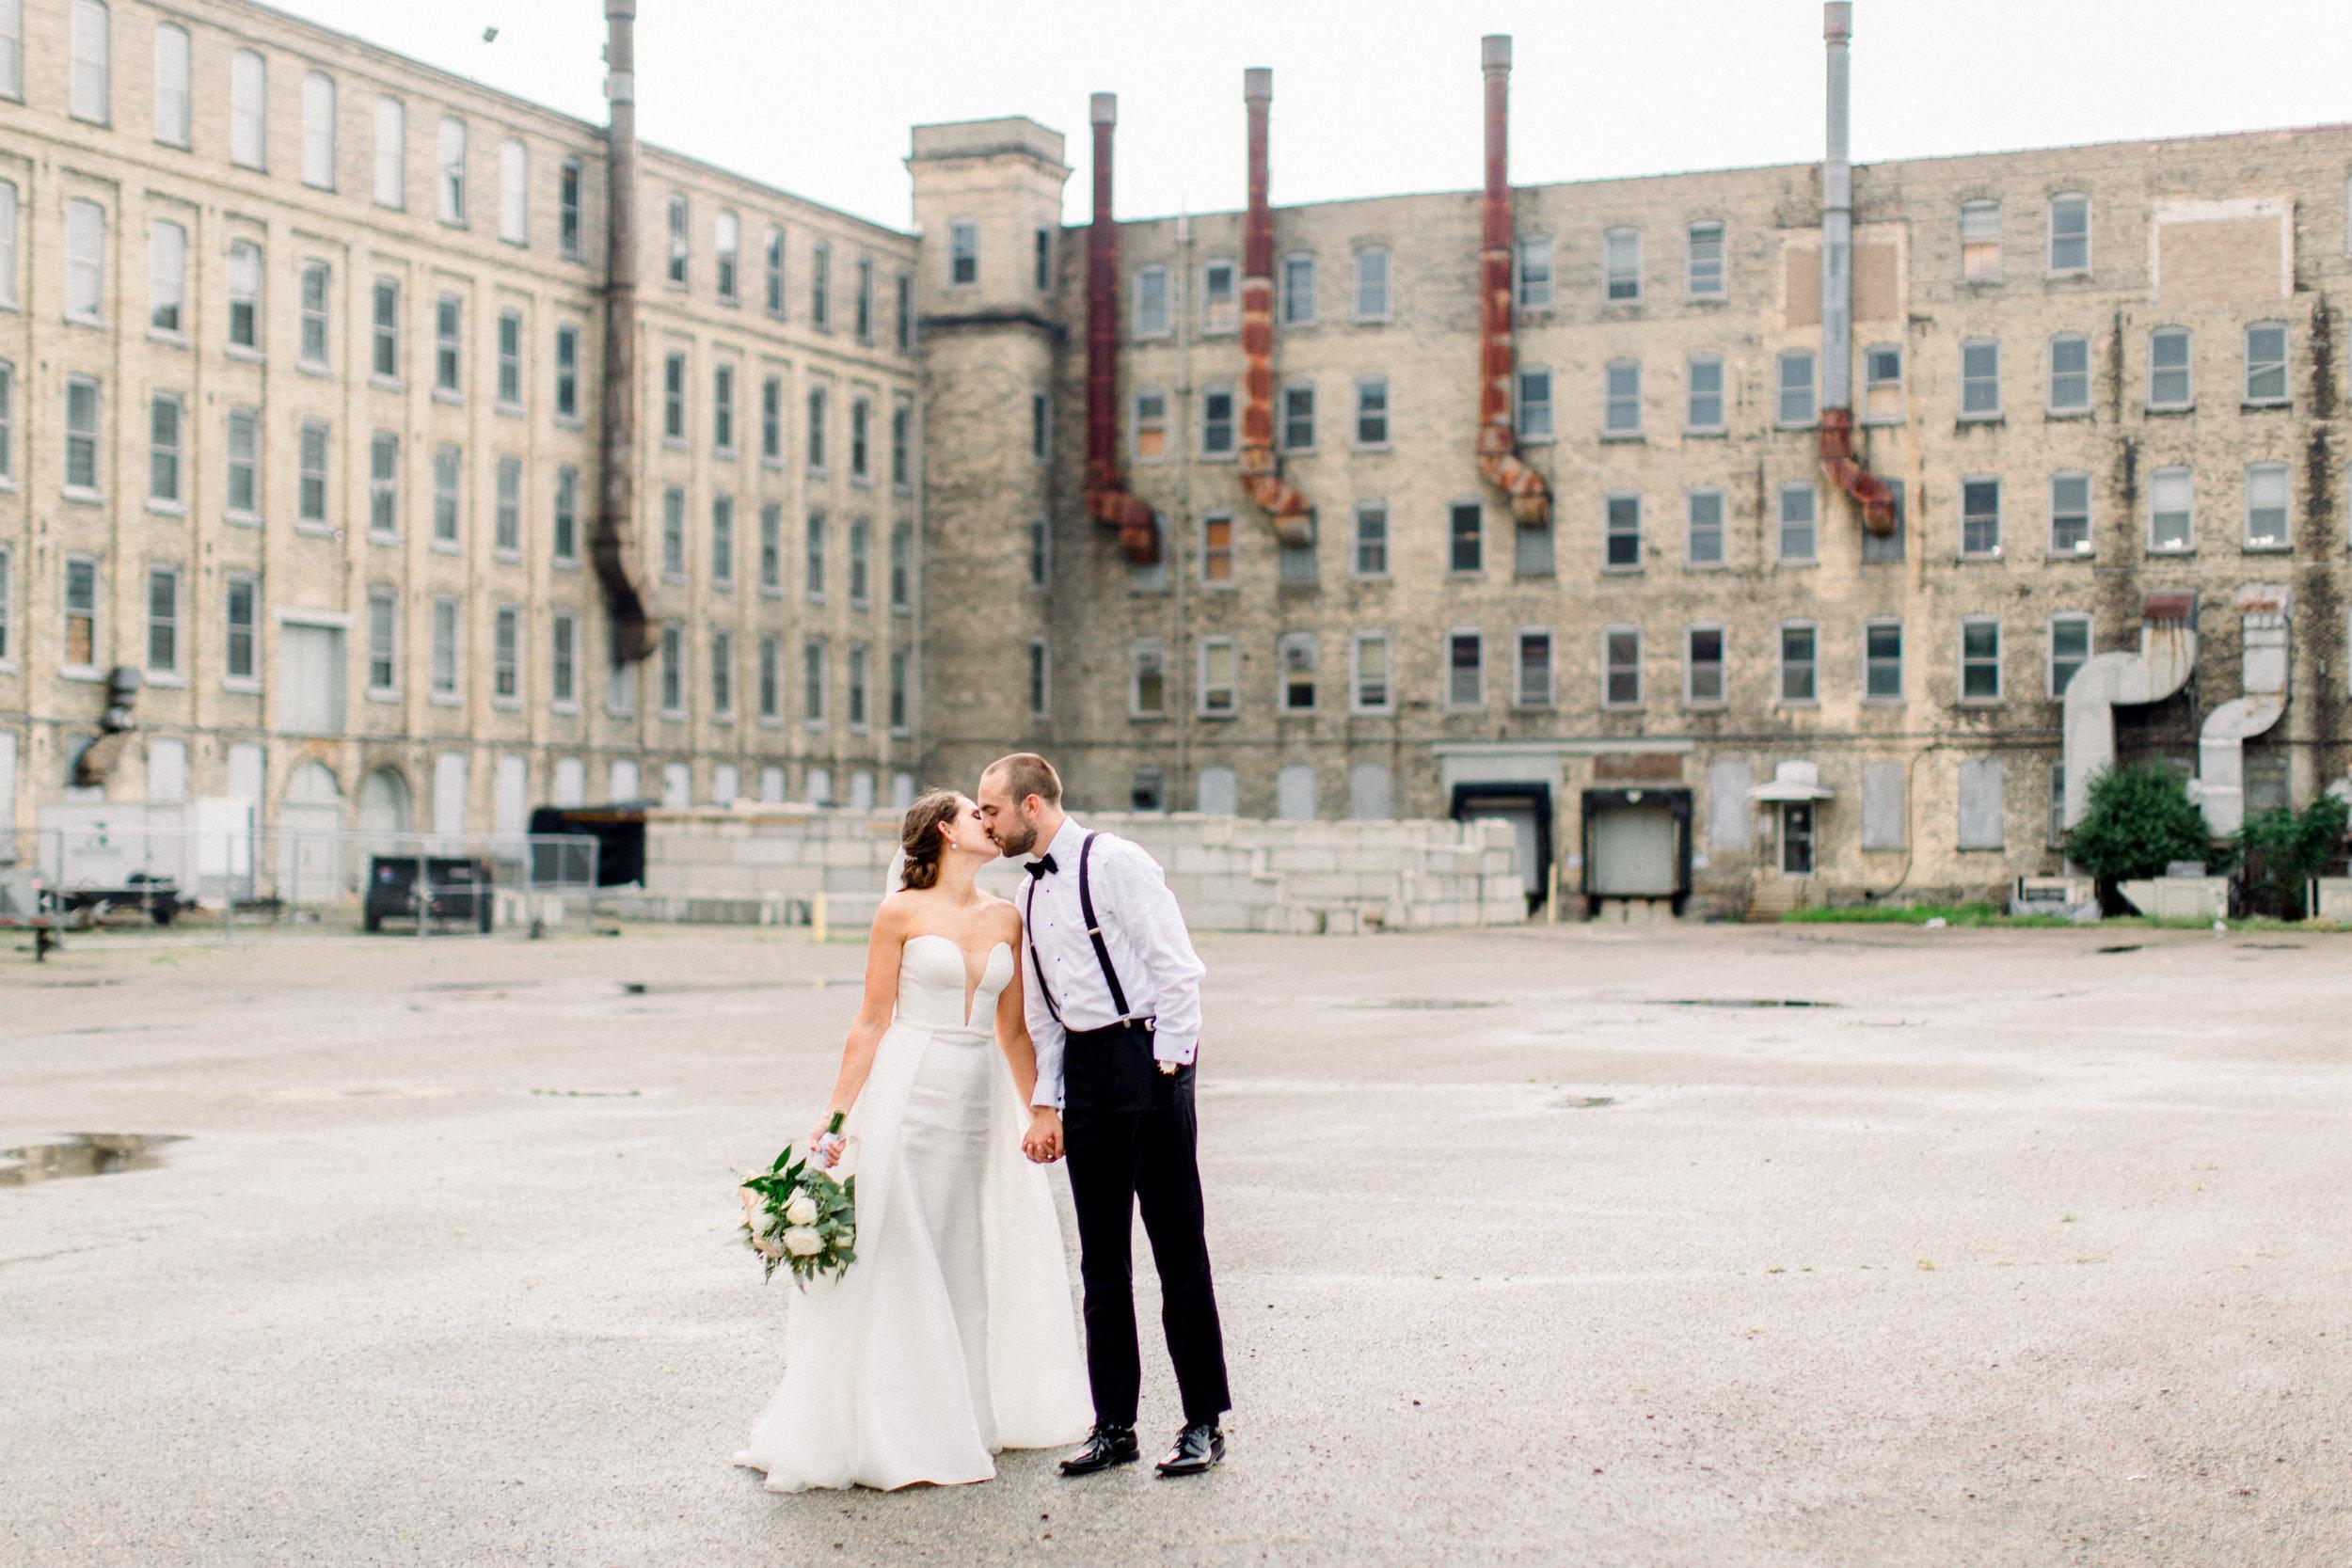 Steiner+Wedding+Bride+Groom+Reception-30.jpg